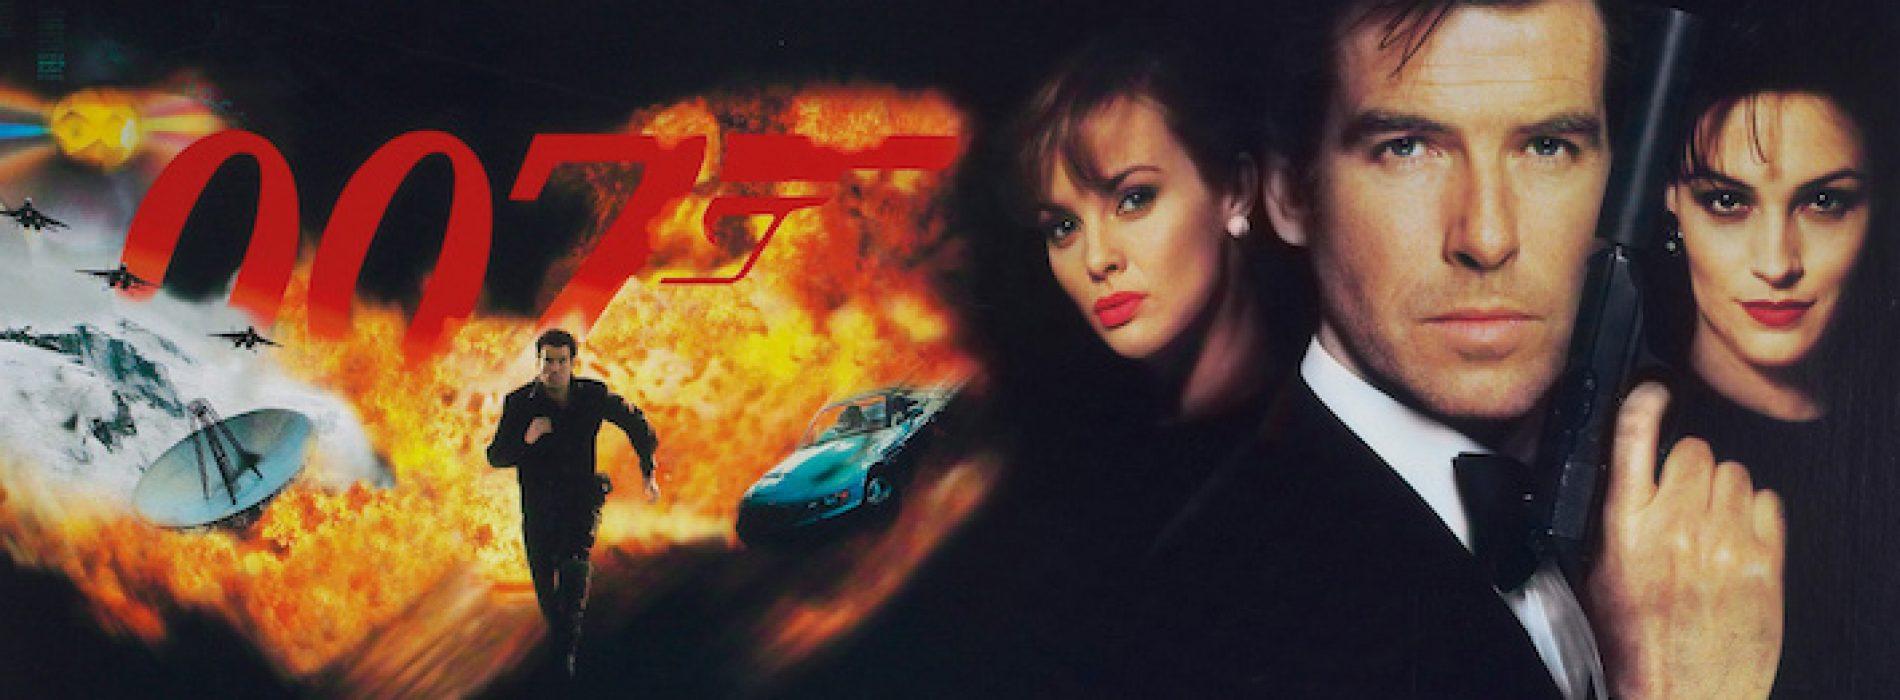 Filmai apie Jamesą Bondą devyniasdešimtaisias